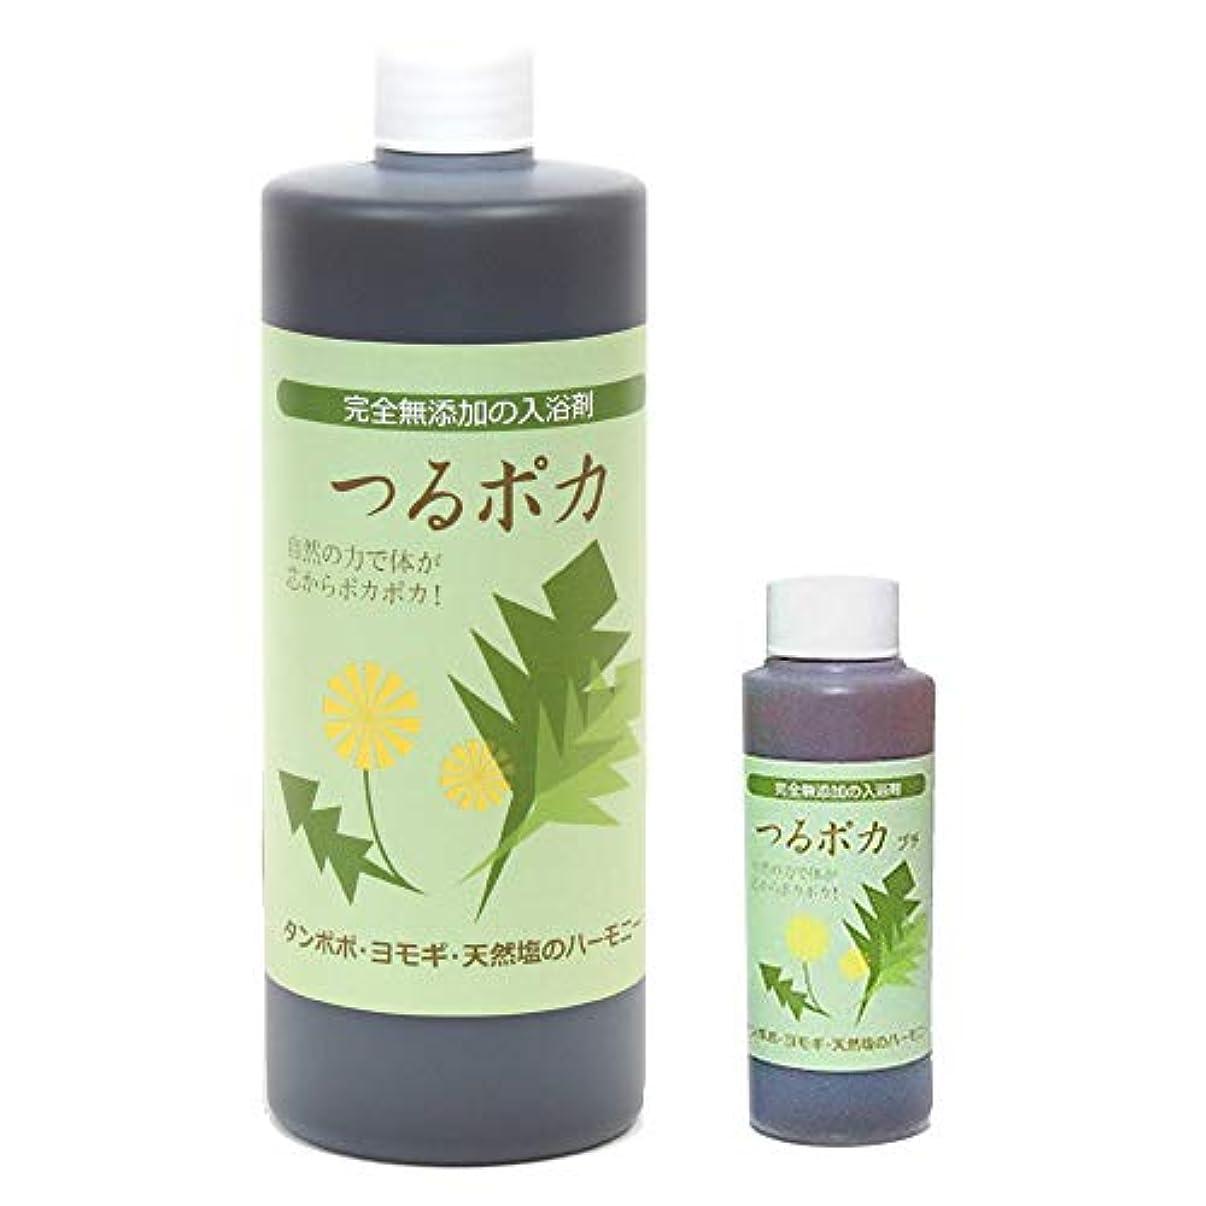 童謡まともなつるポカ入浴剤 500ml+60ml おまけ (ばんのう酵母くん姉妹商品)